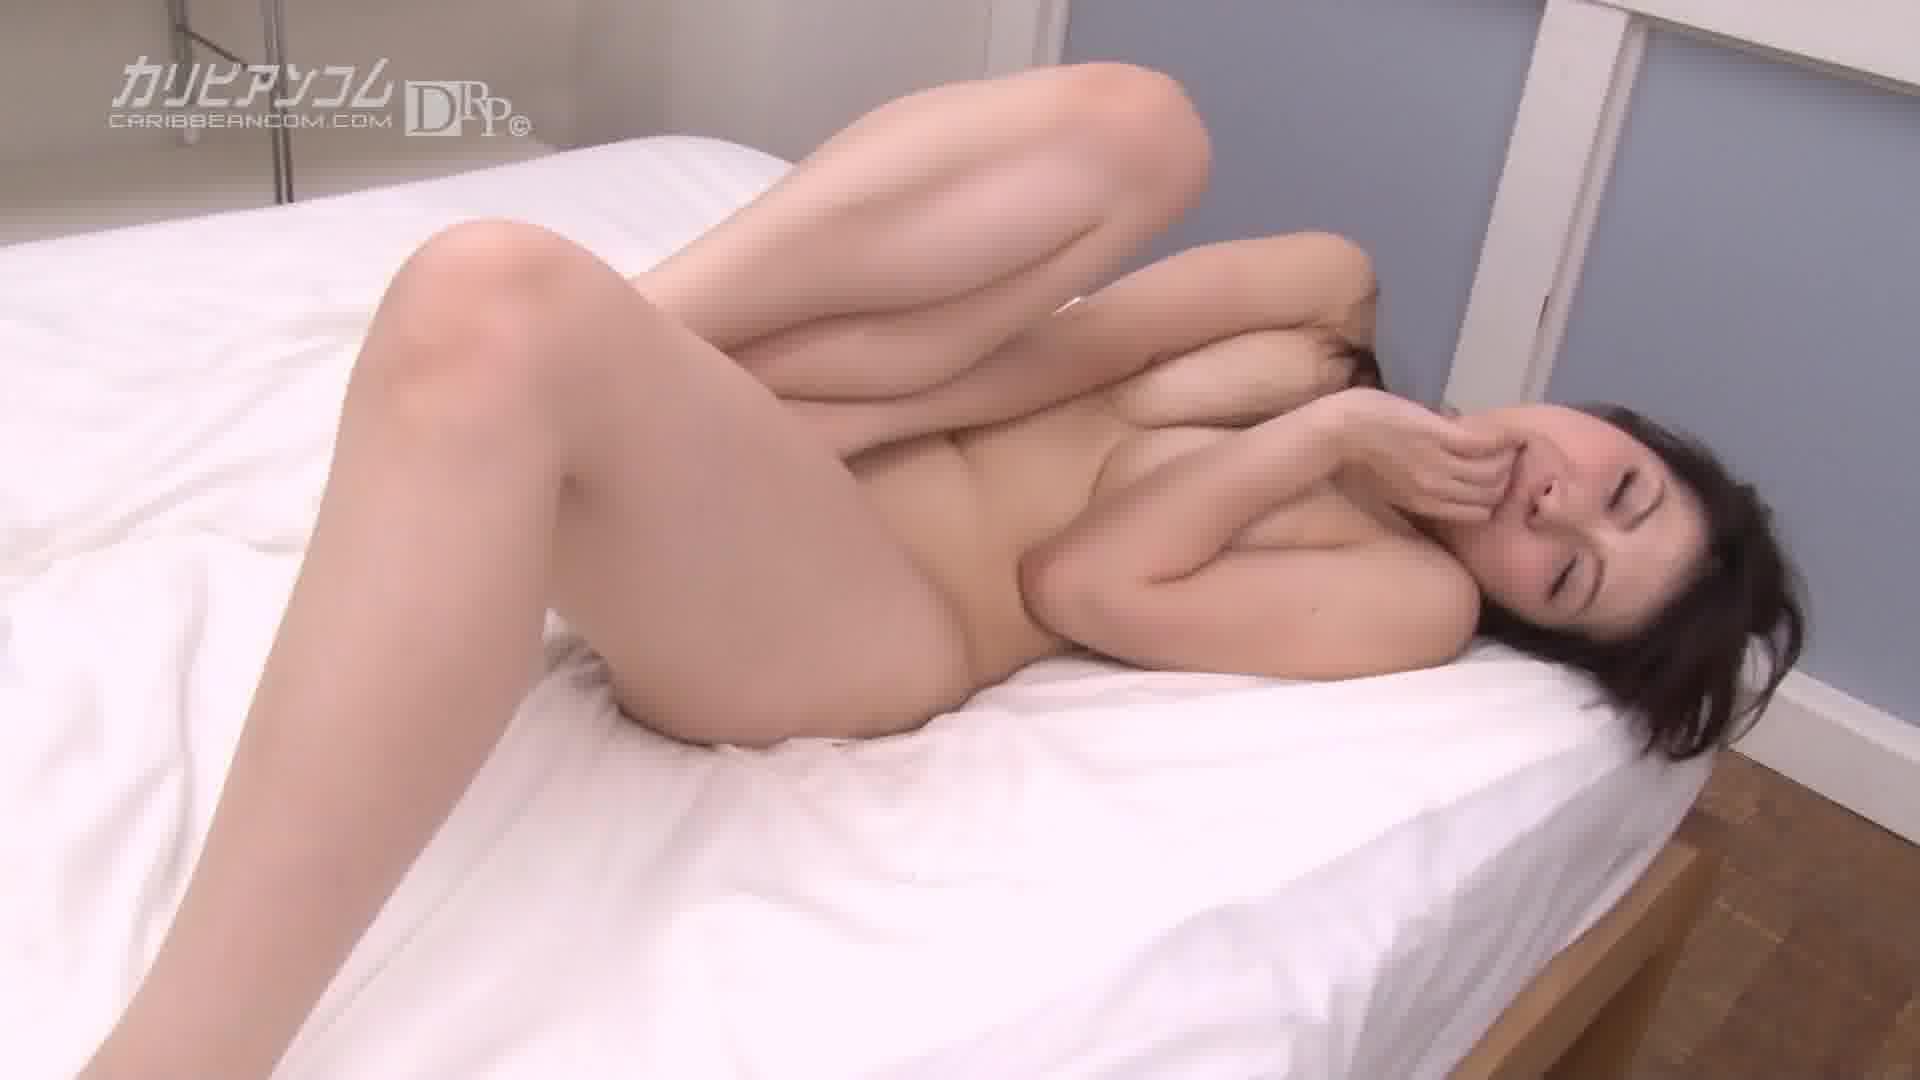 新開発昇天観測機イキメーター - 加藤ツバキ【痴女・巨乳・イラマチオ】